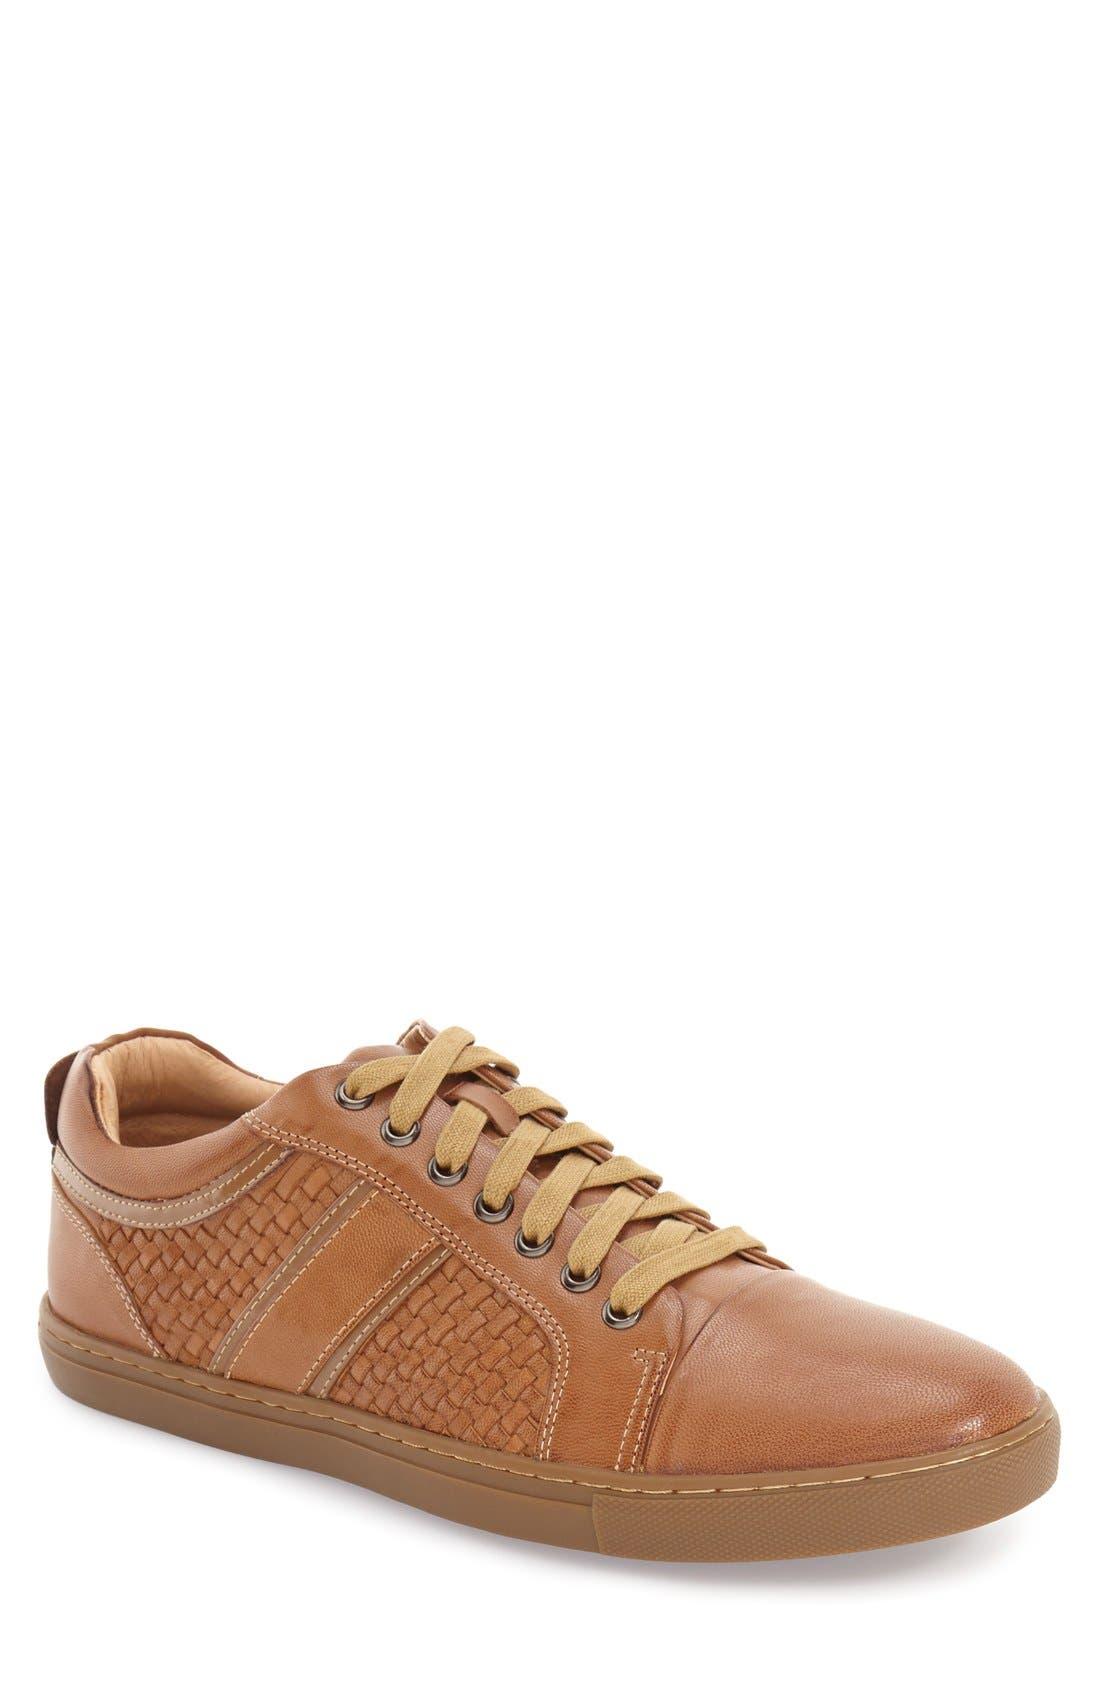 ZANZARA 'Speed' Sneaker